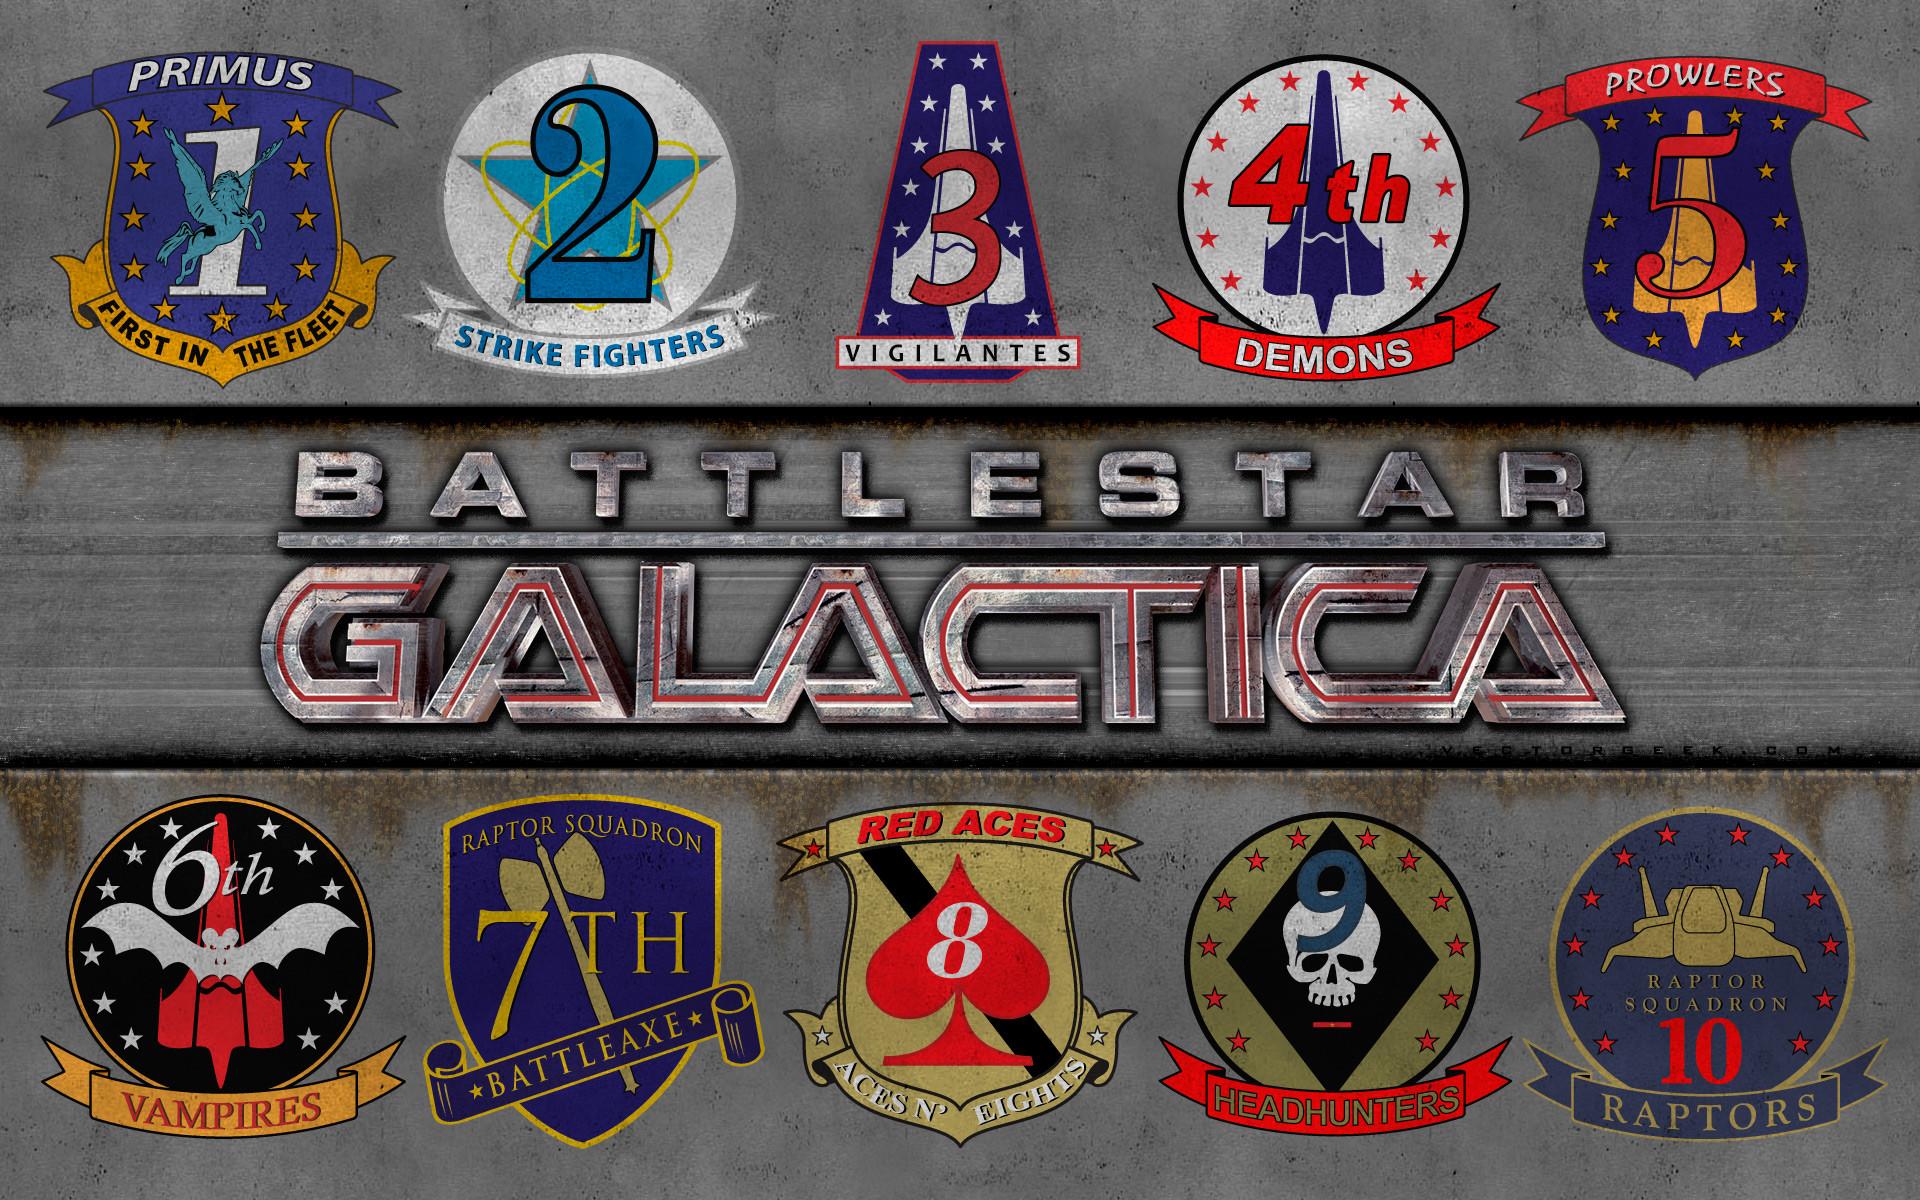 Battlestar Galactica Wallpapers Group (29 )